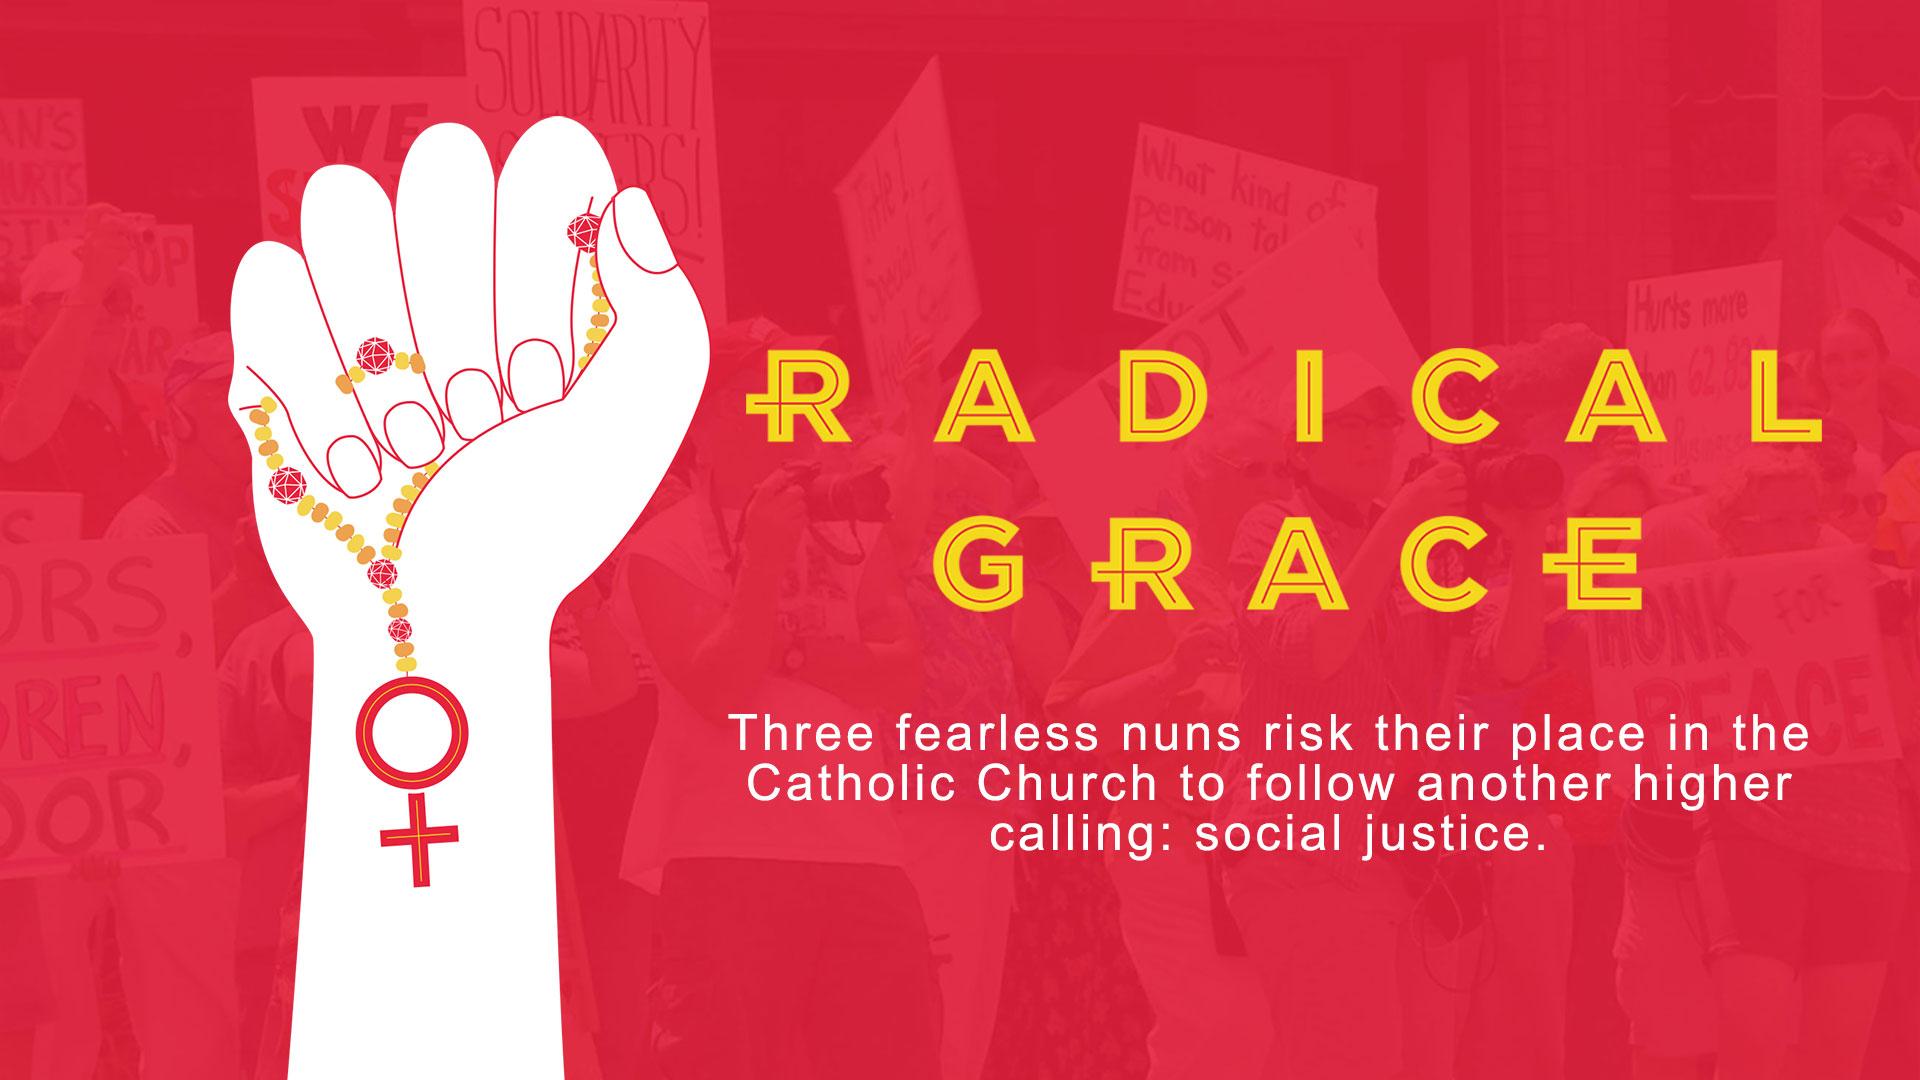 radical-grace-documentary-june-25-.jpg